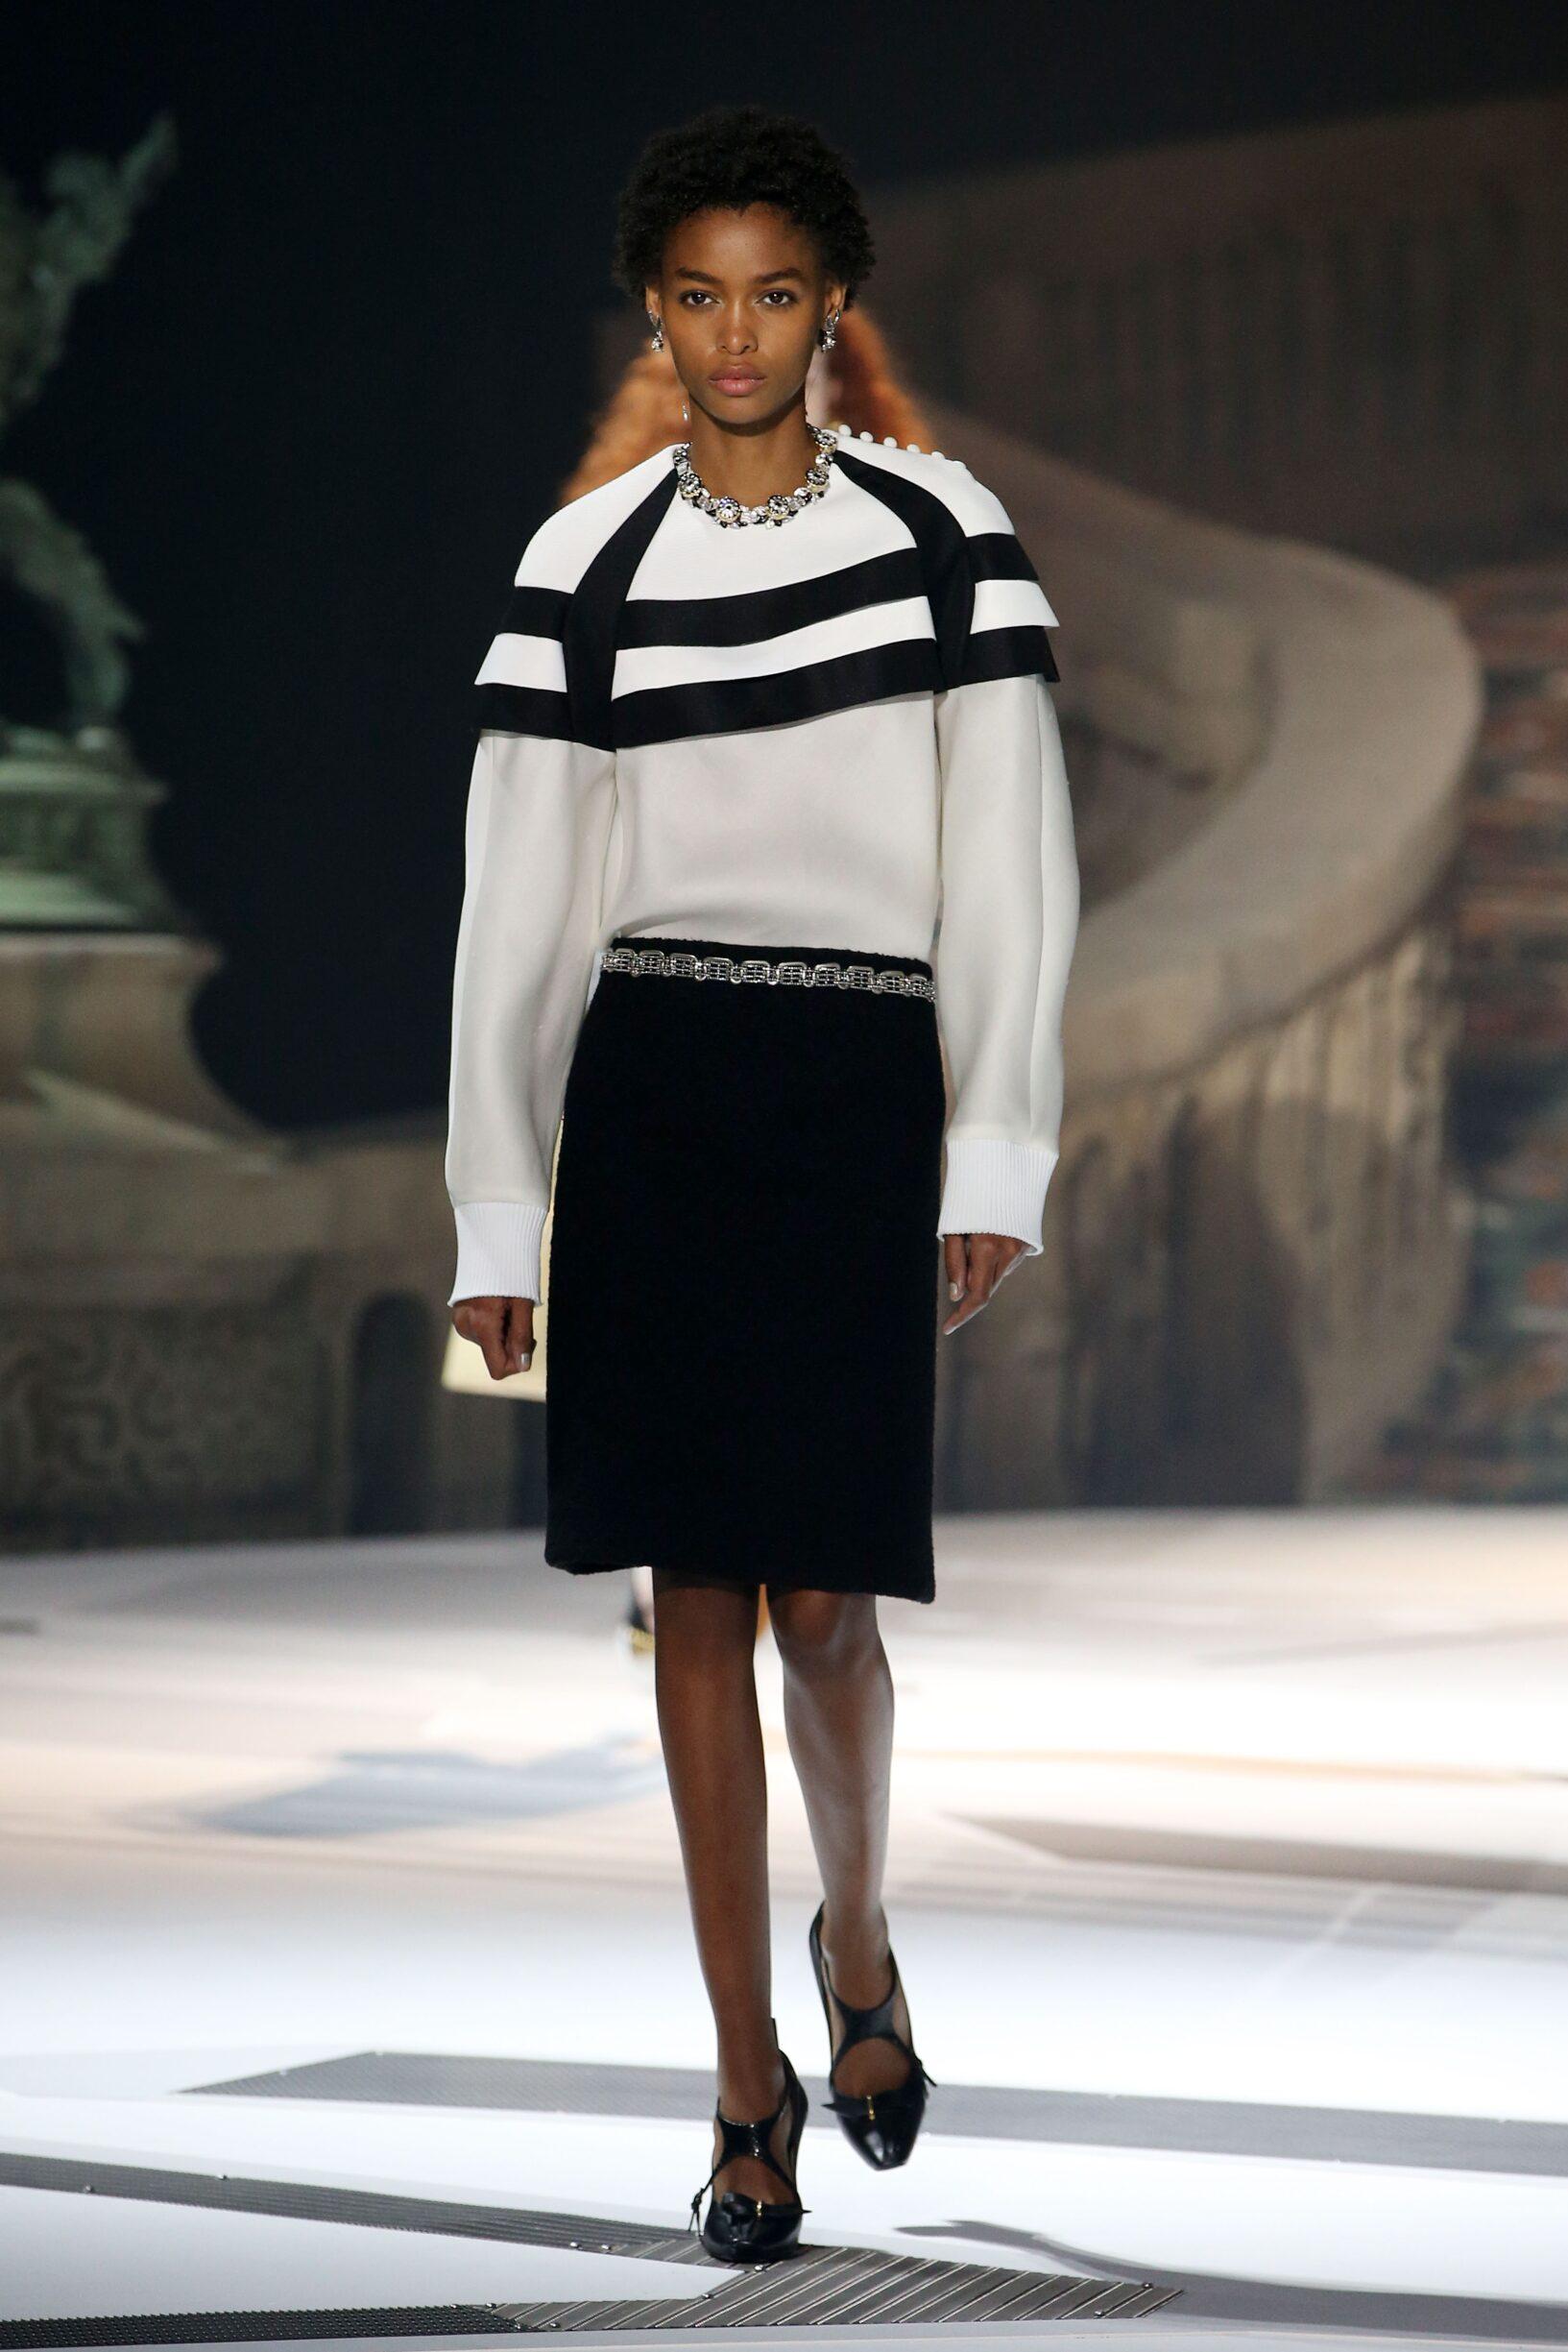 92a44d3753fe FW 2018-19 Fashion Show Louis Vuitton